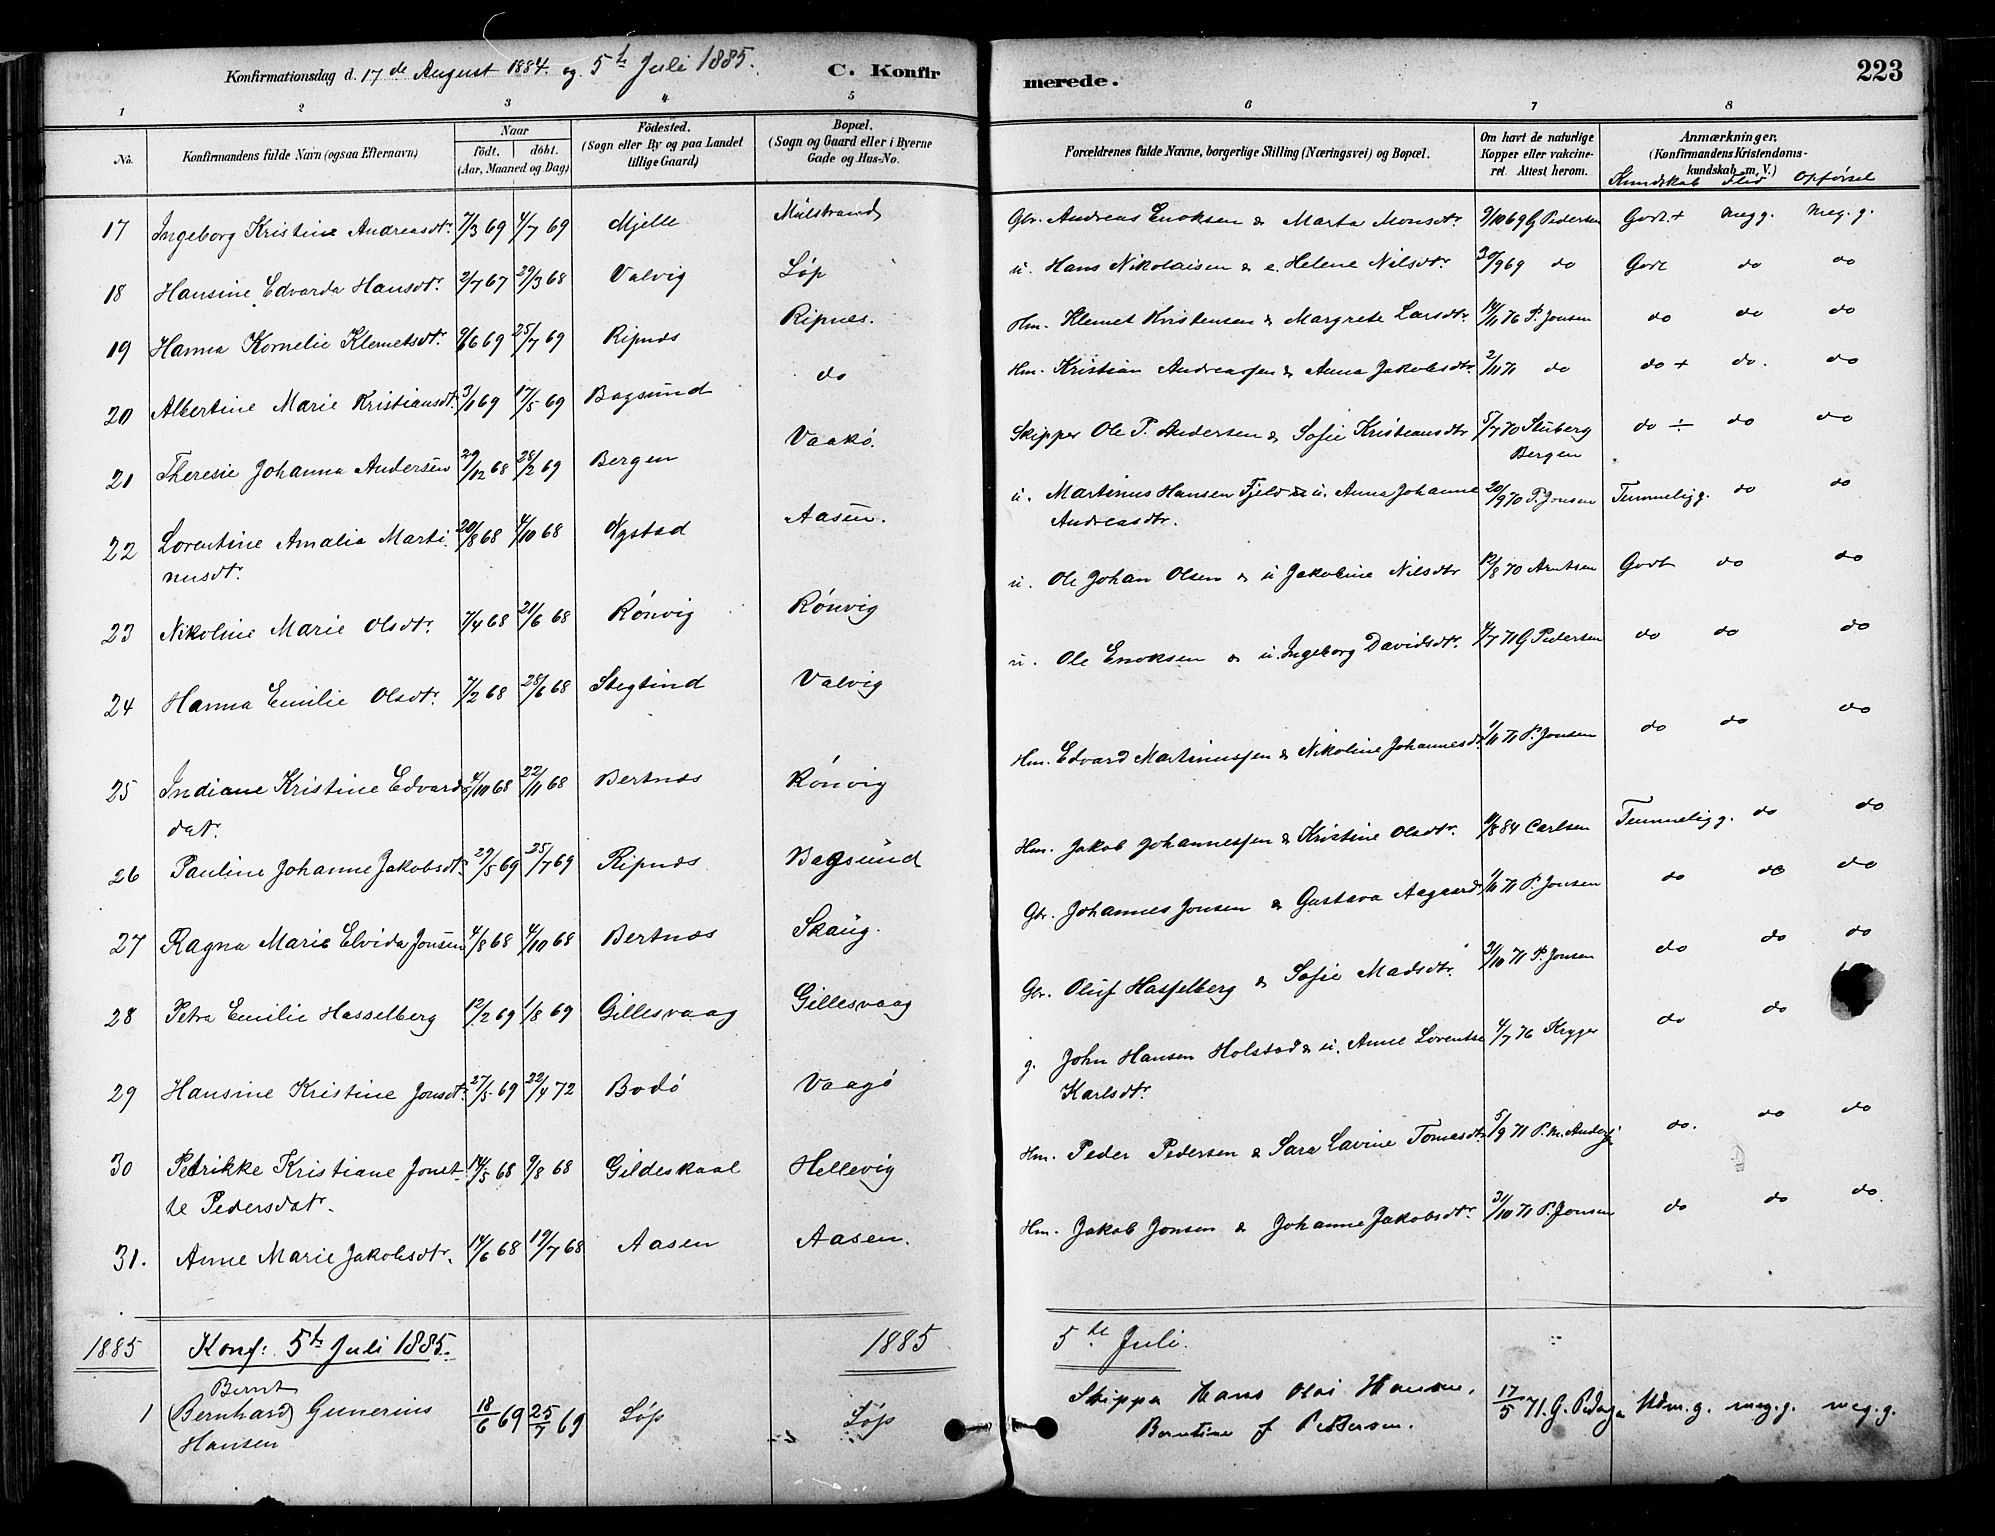 SAT, Ministerialprotokoller, klokkerbøker og fødselsregistre - Nordland, 802/L0054: Parish register (official) no. 802A01, 1879-1893, p. 223